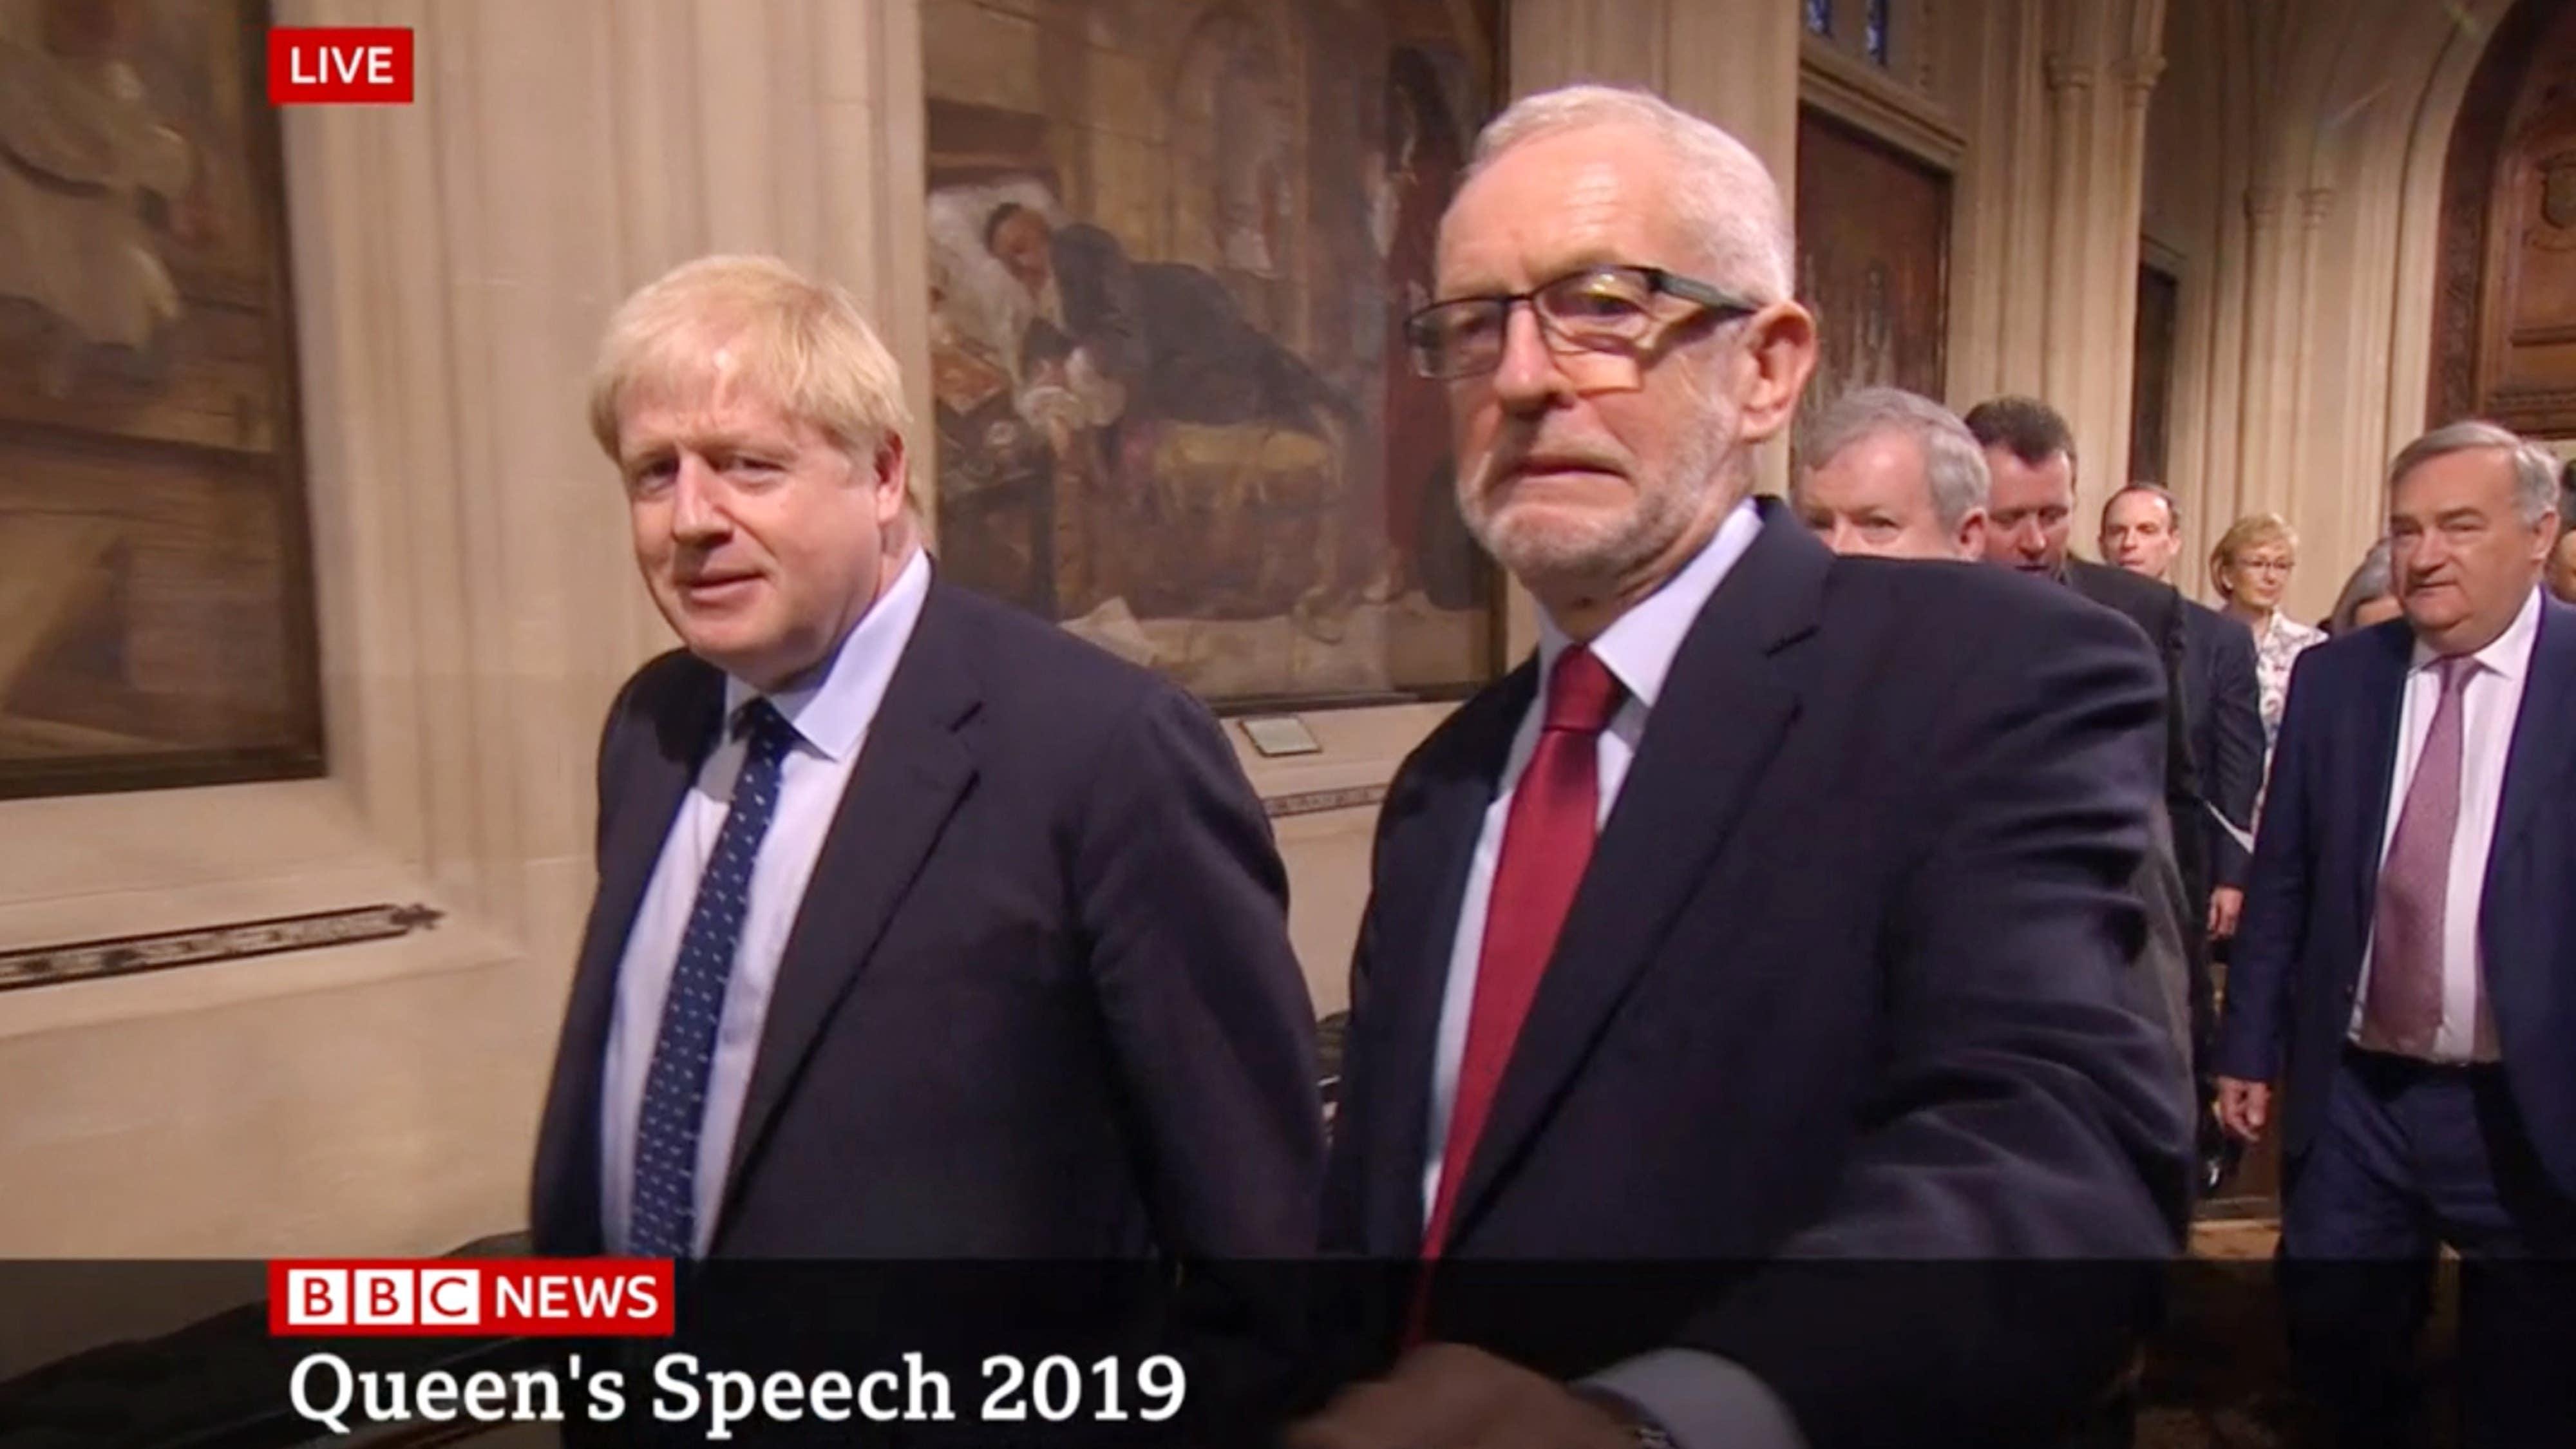 Jeremy Corbyn's grimace caught on camera